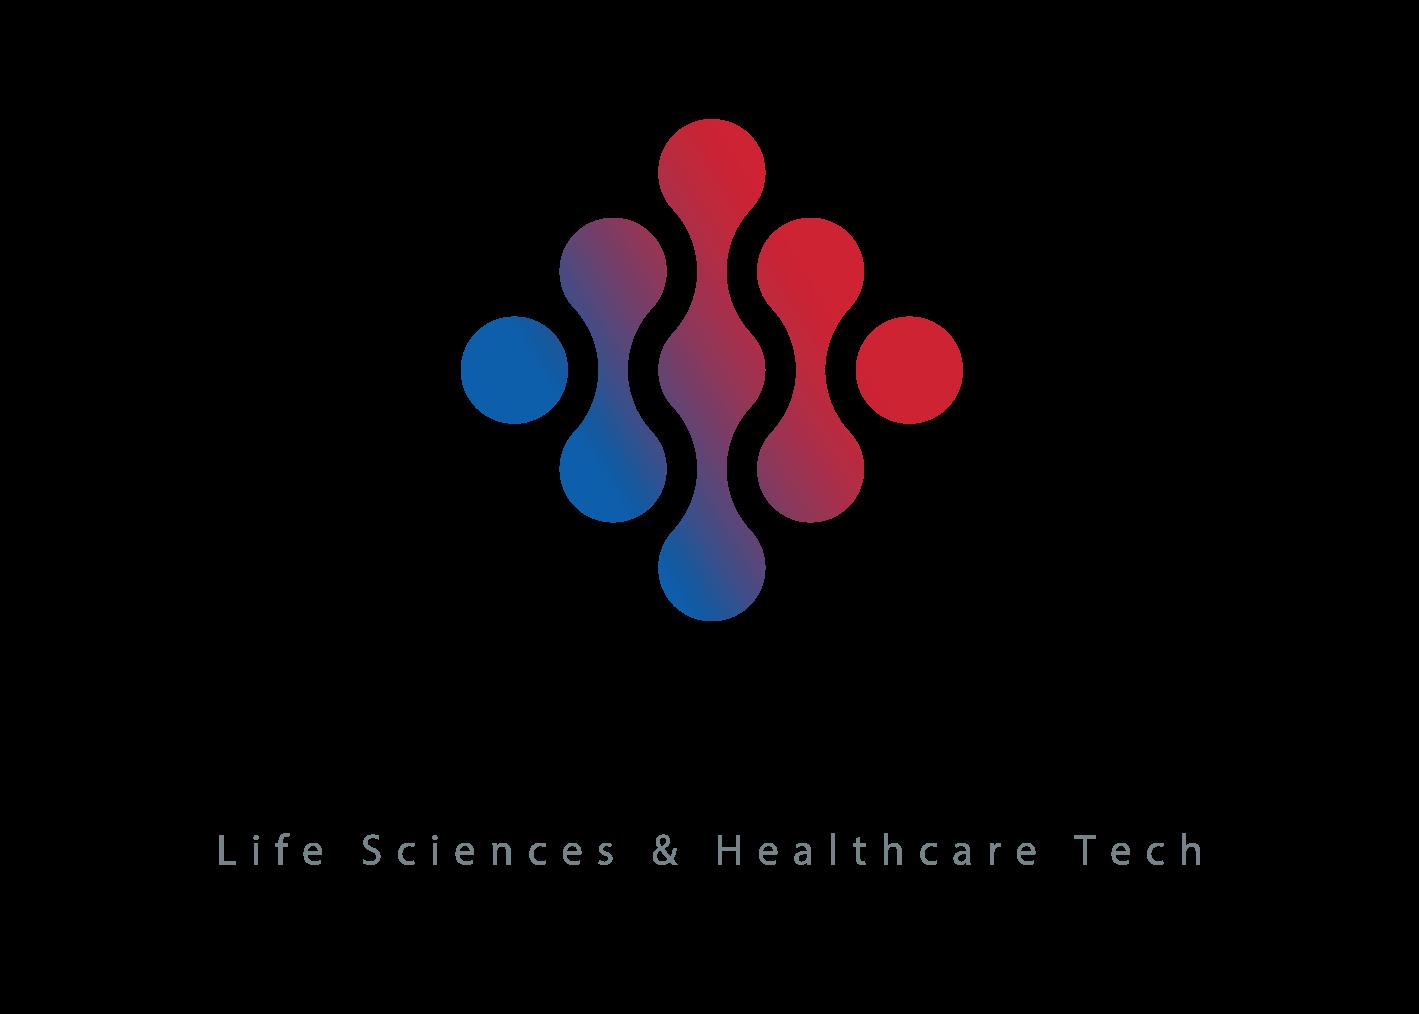 ISAAC: nasce in ARTES 4.0 il punto di riferimento per l'innovazione tecnologica in sanità 4.0